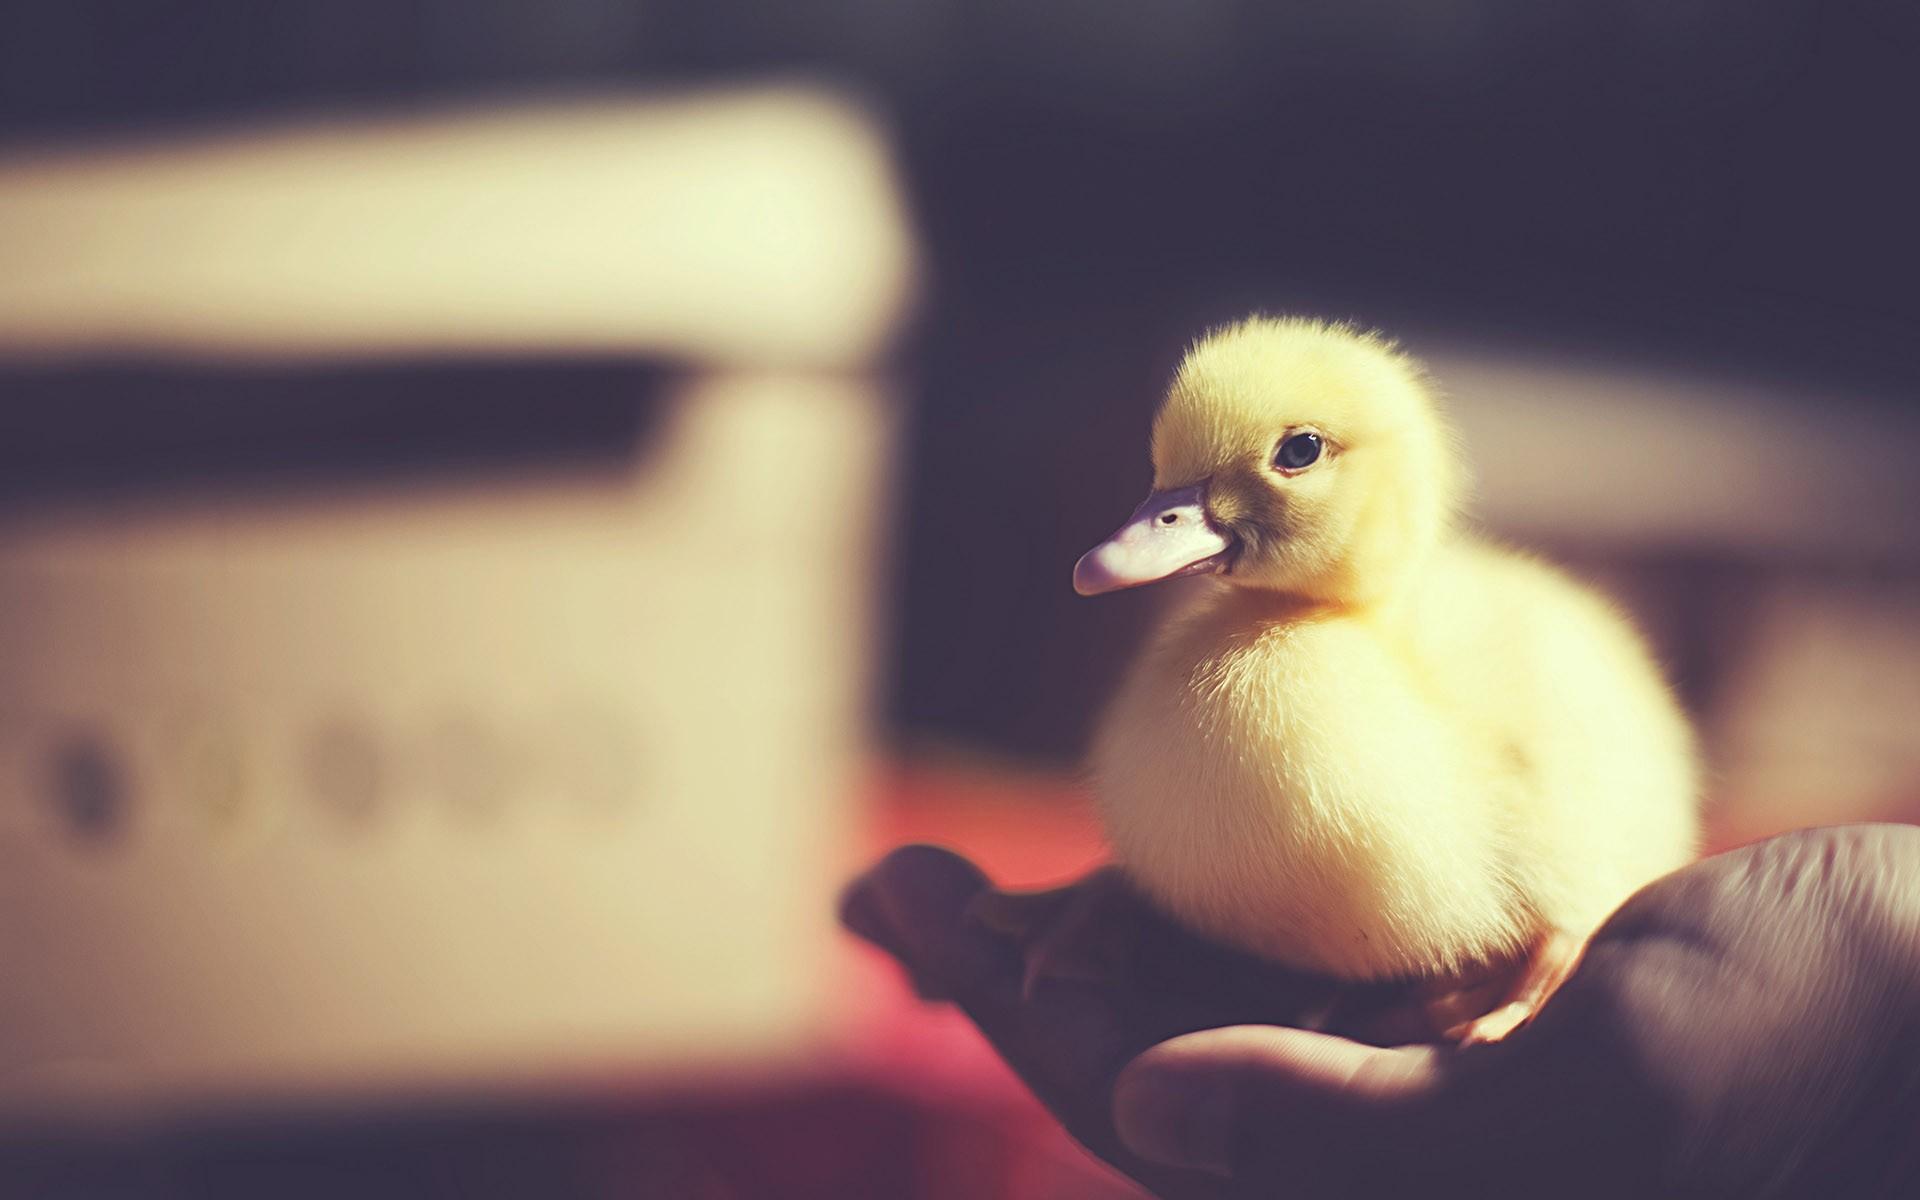 Duckling Wallpaper